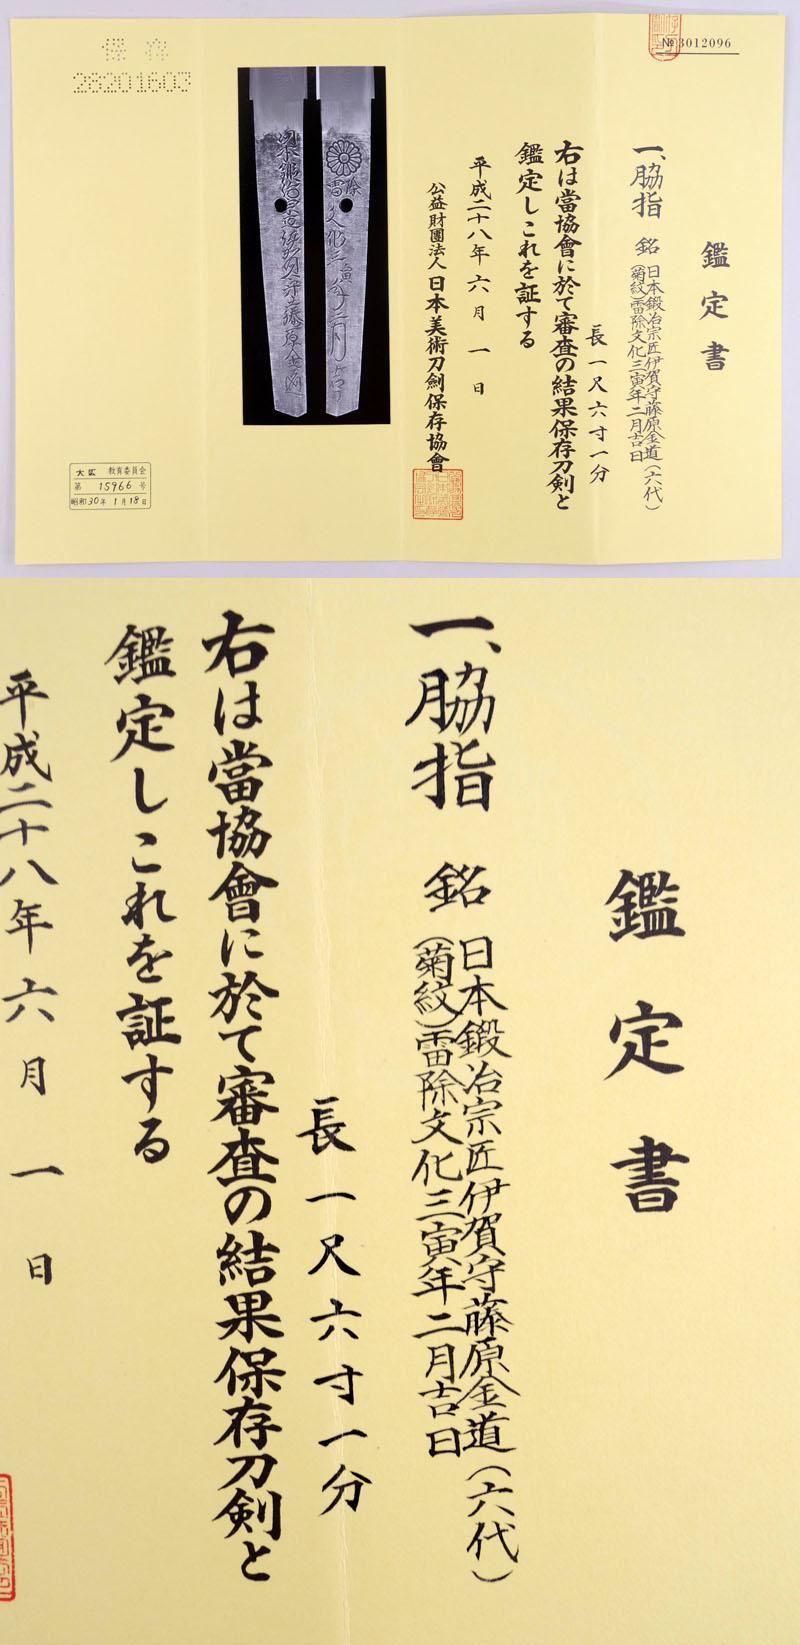 日本鍛冶宗匠伊賀守藤原金道(六代) Picture of Certificate